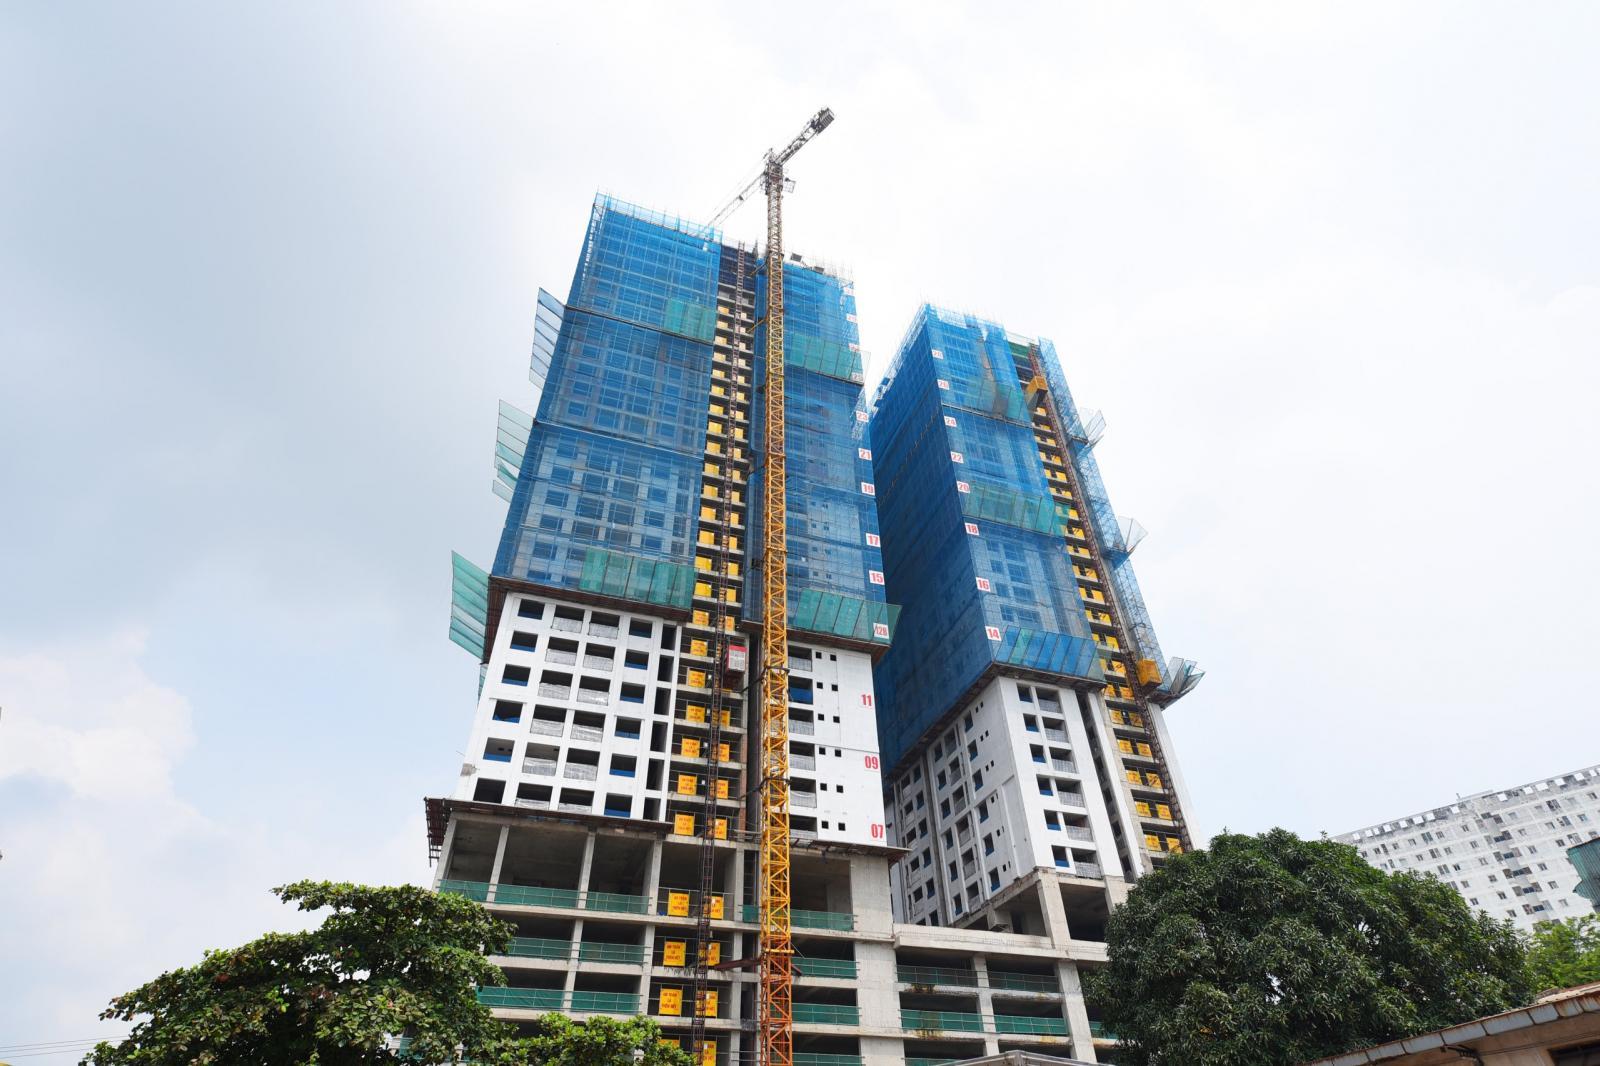 Tòa chung cư đang xây dựng tại Dĩ An, Bình Dương nơi có bất động sản giá dưới 1 tỷ đồng